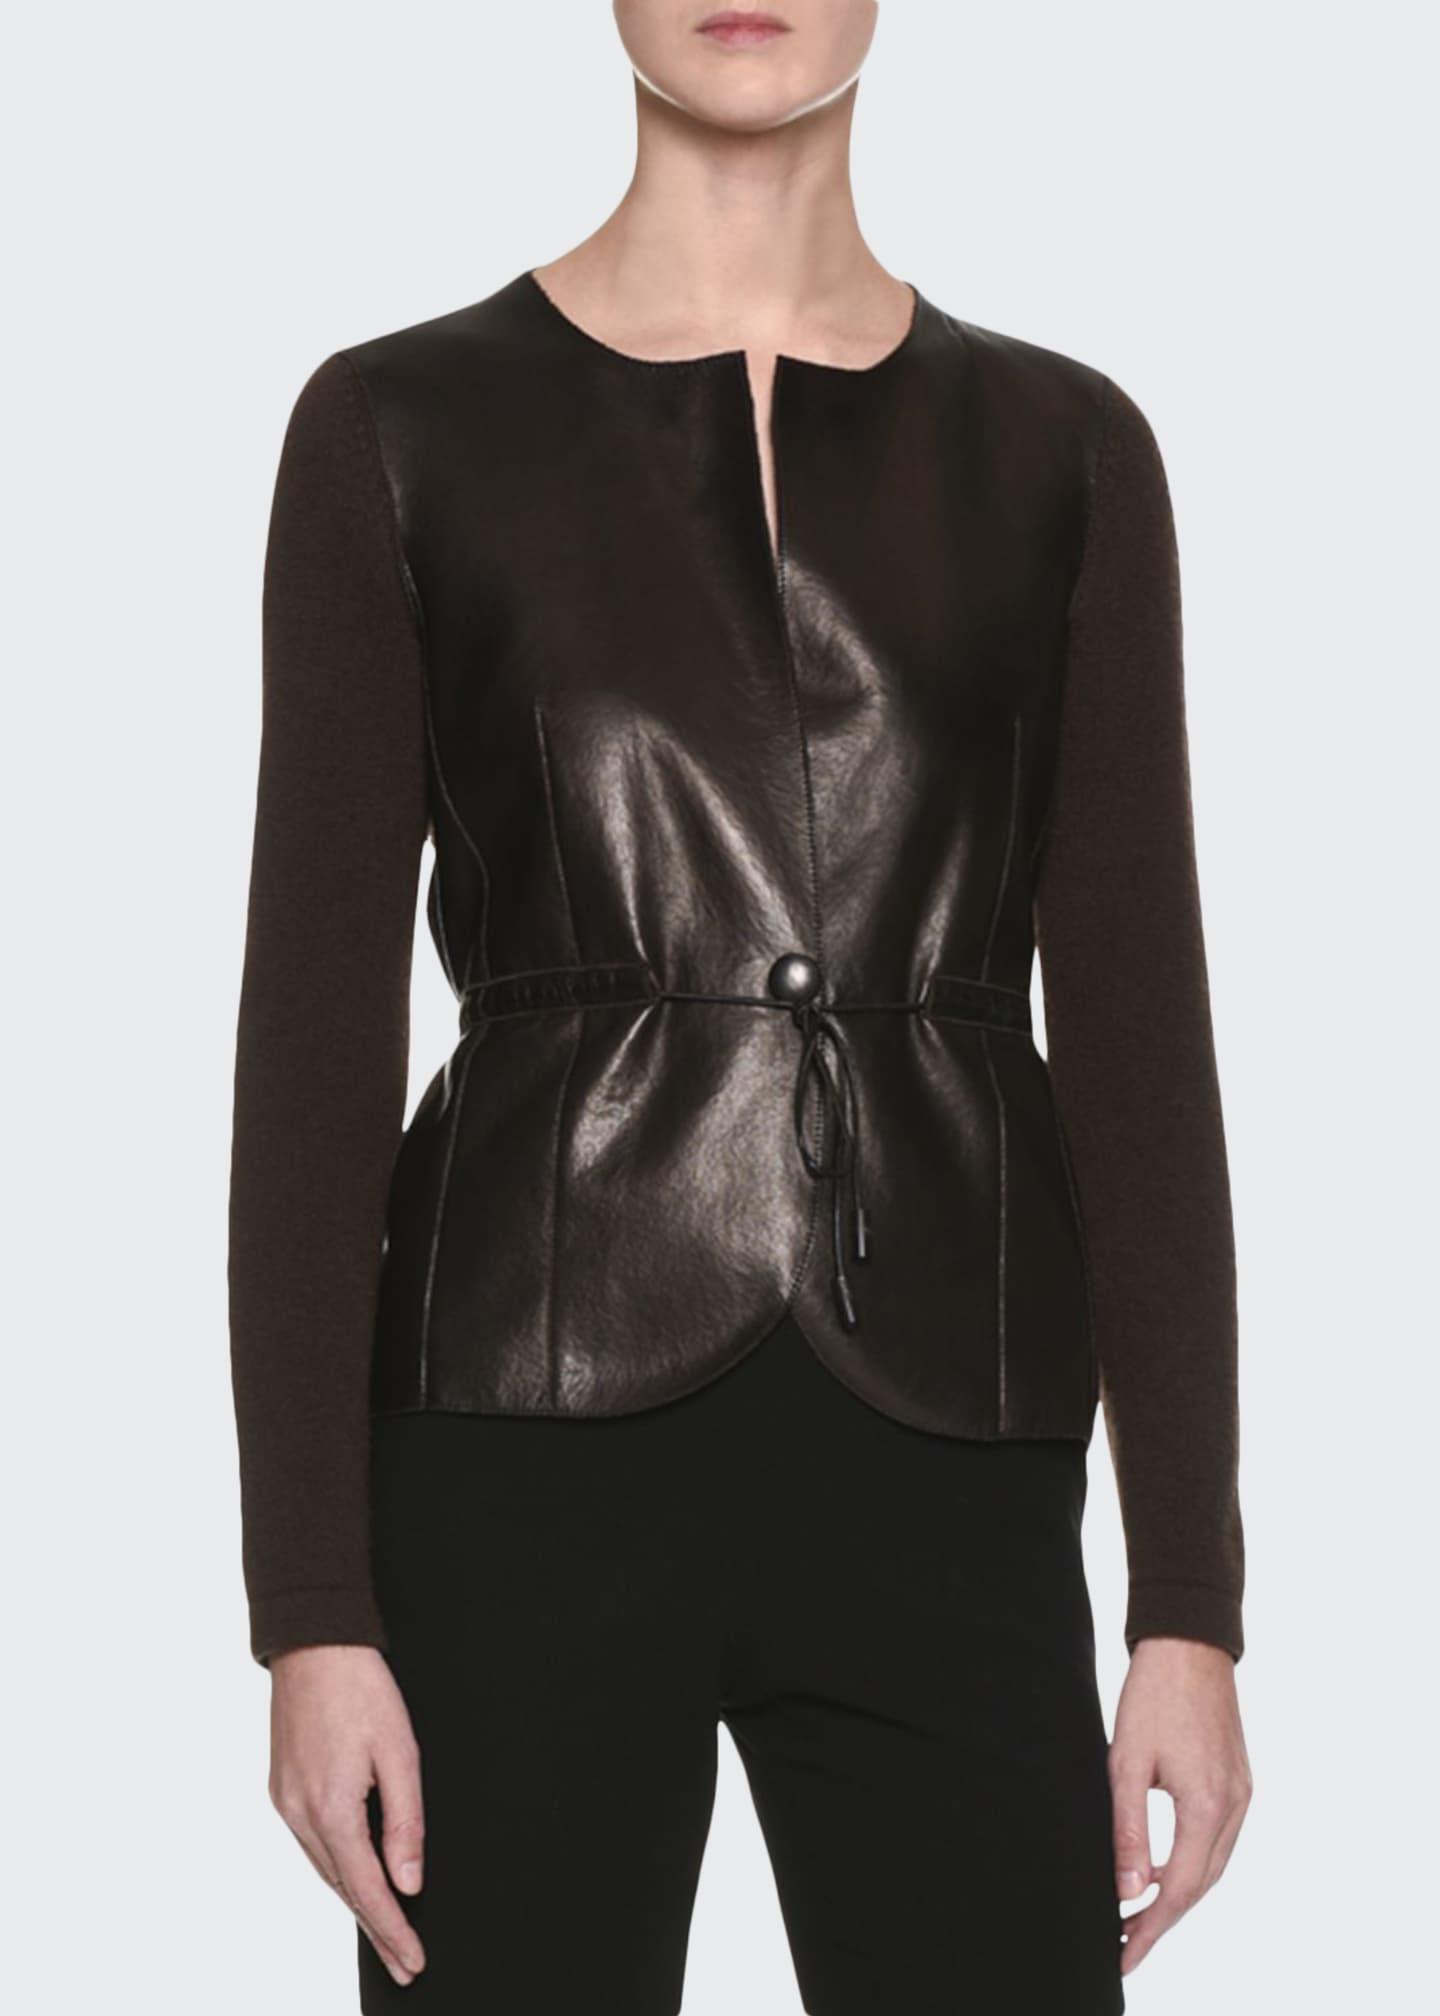 Giorgio Armani Cashmere Sweater w/Leather Front, Brown